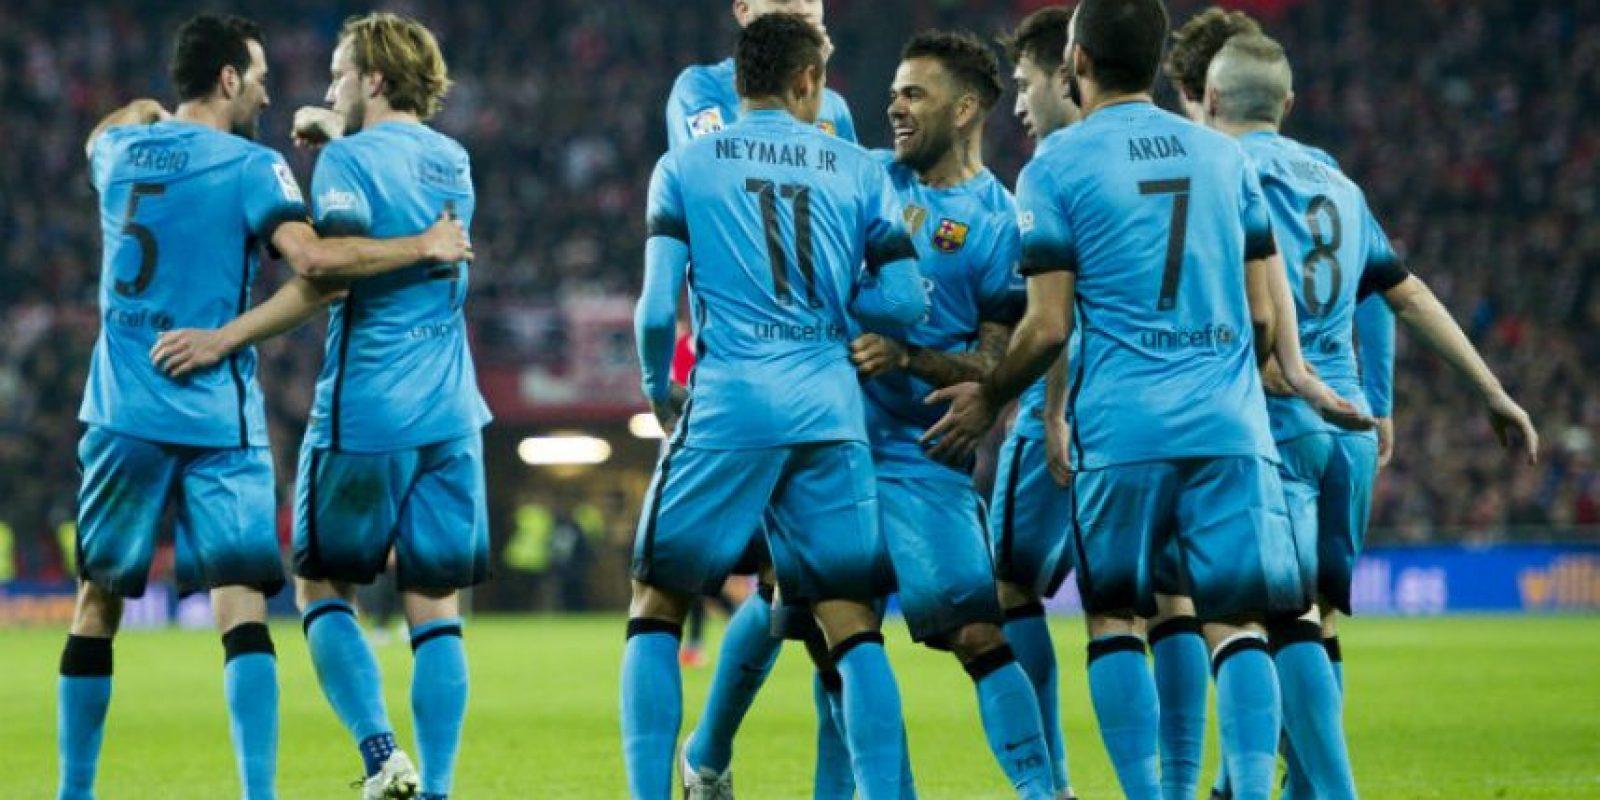 Los culés están a un paso de clasificar a las semifinales de la Copa del Rey Foto:Getty Images